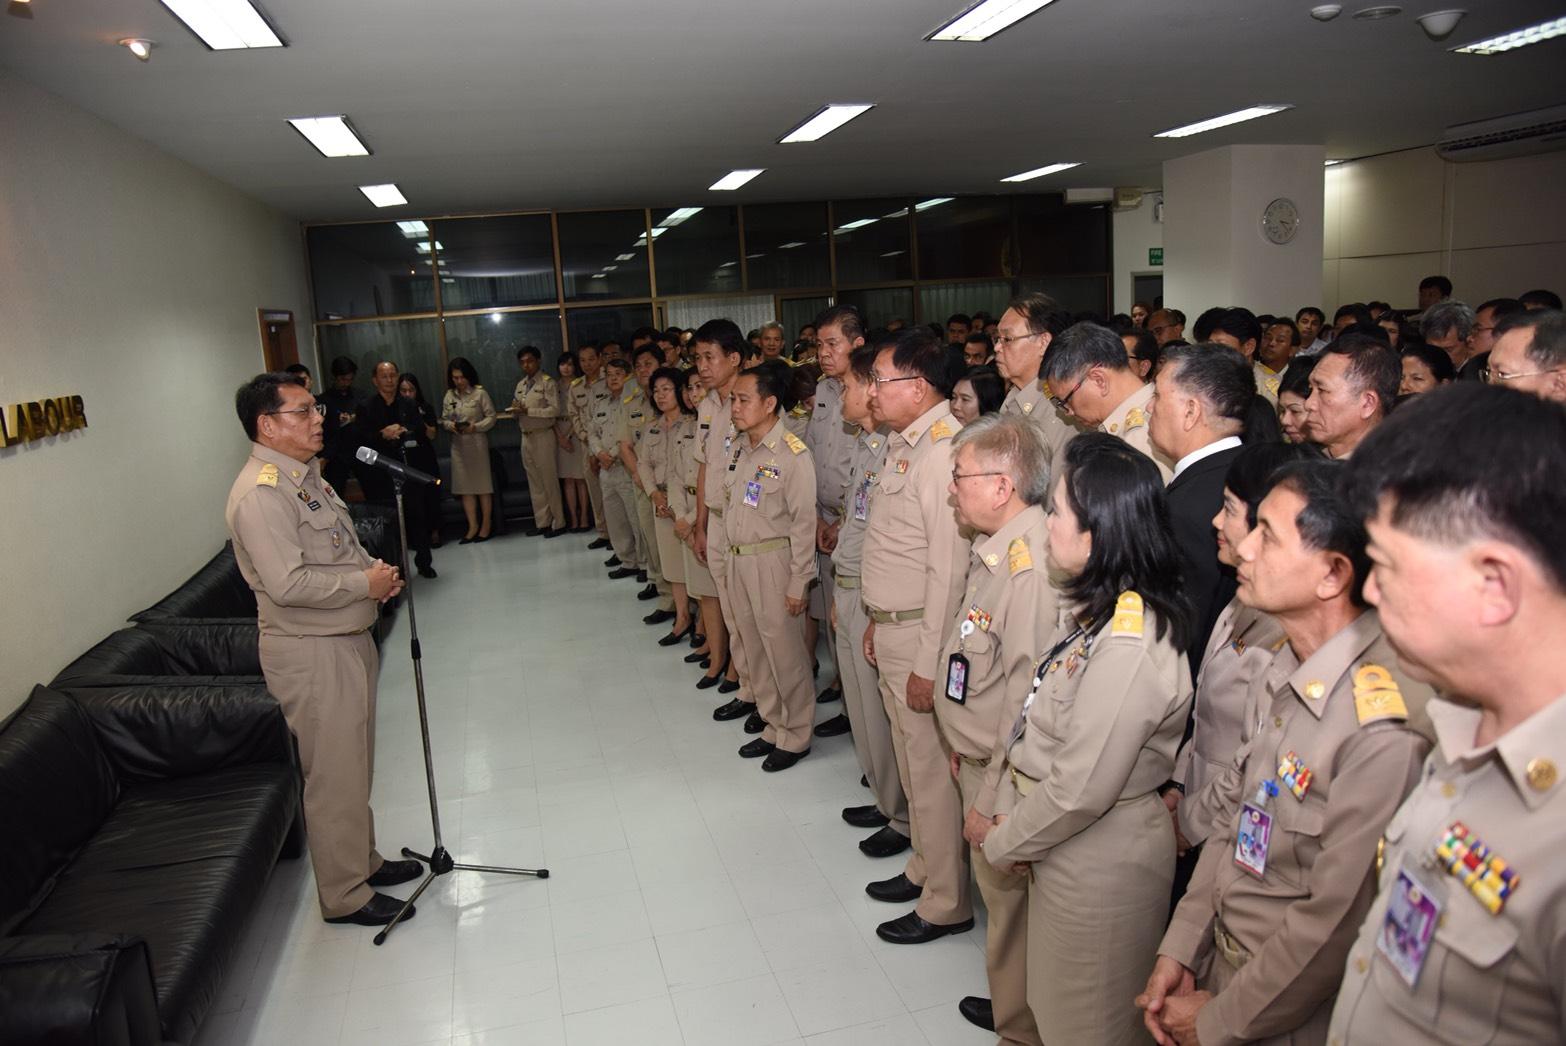 ปลัดแรงงานย้ำ ! คนไทยตัองมีงานทำอย่างมีศักดิ์ศรี